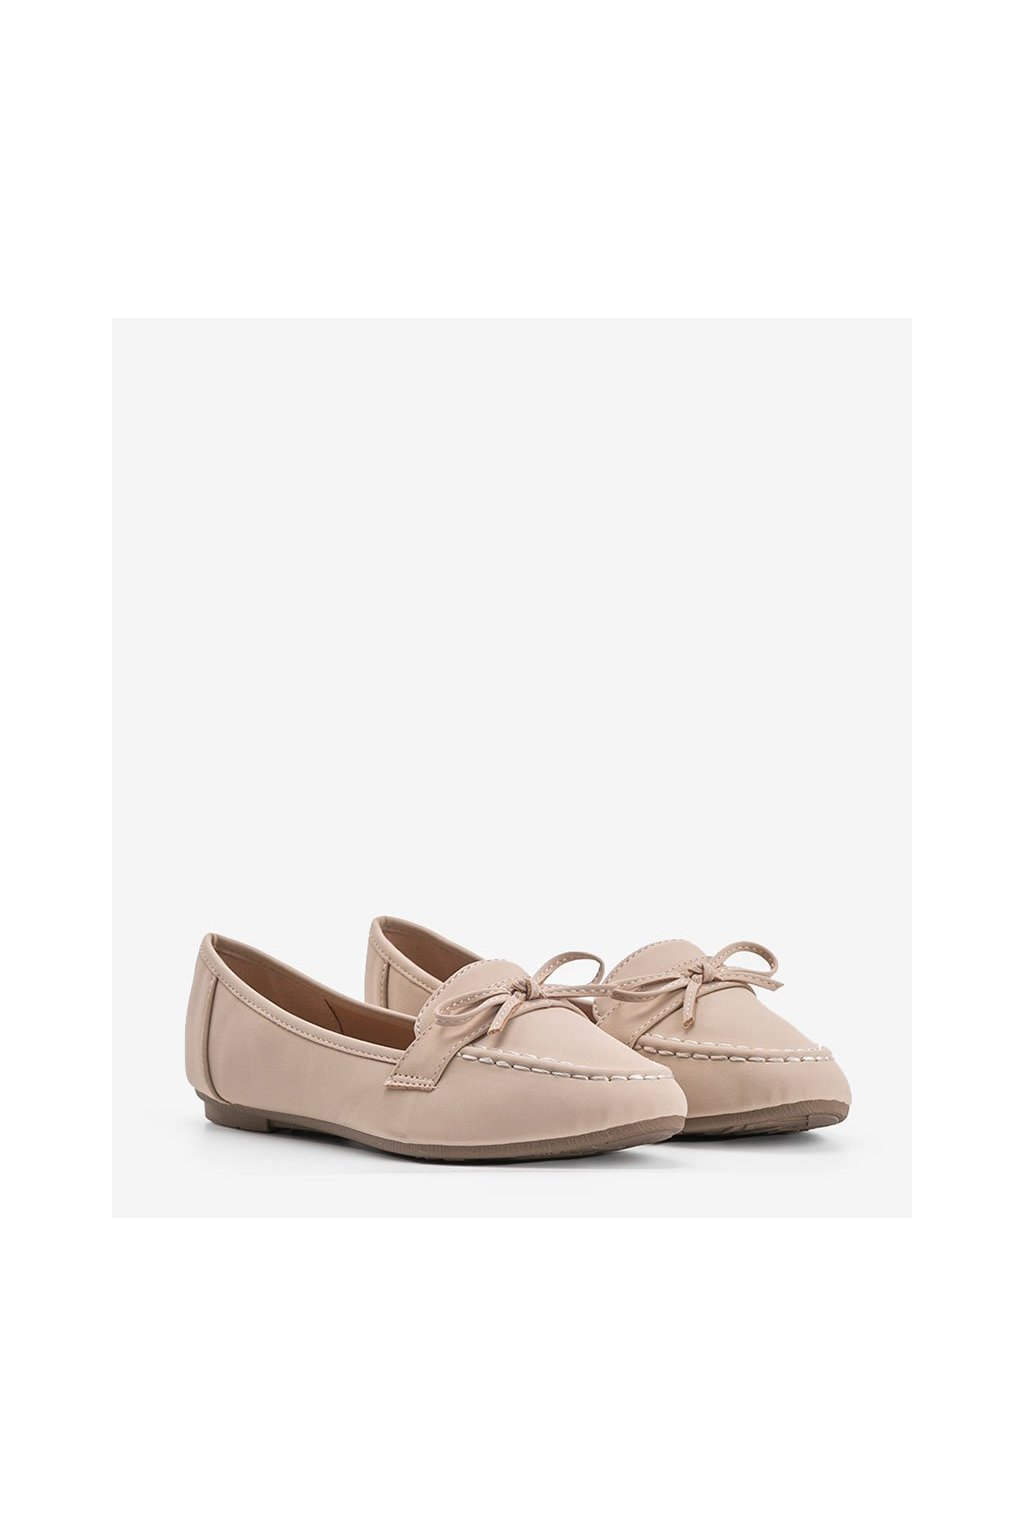 Dámske topánky mokasíny hnedé kód 98-30 - GM